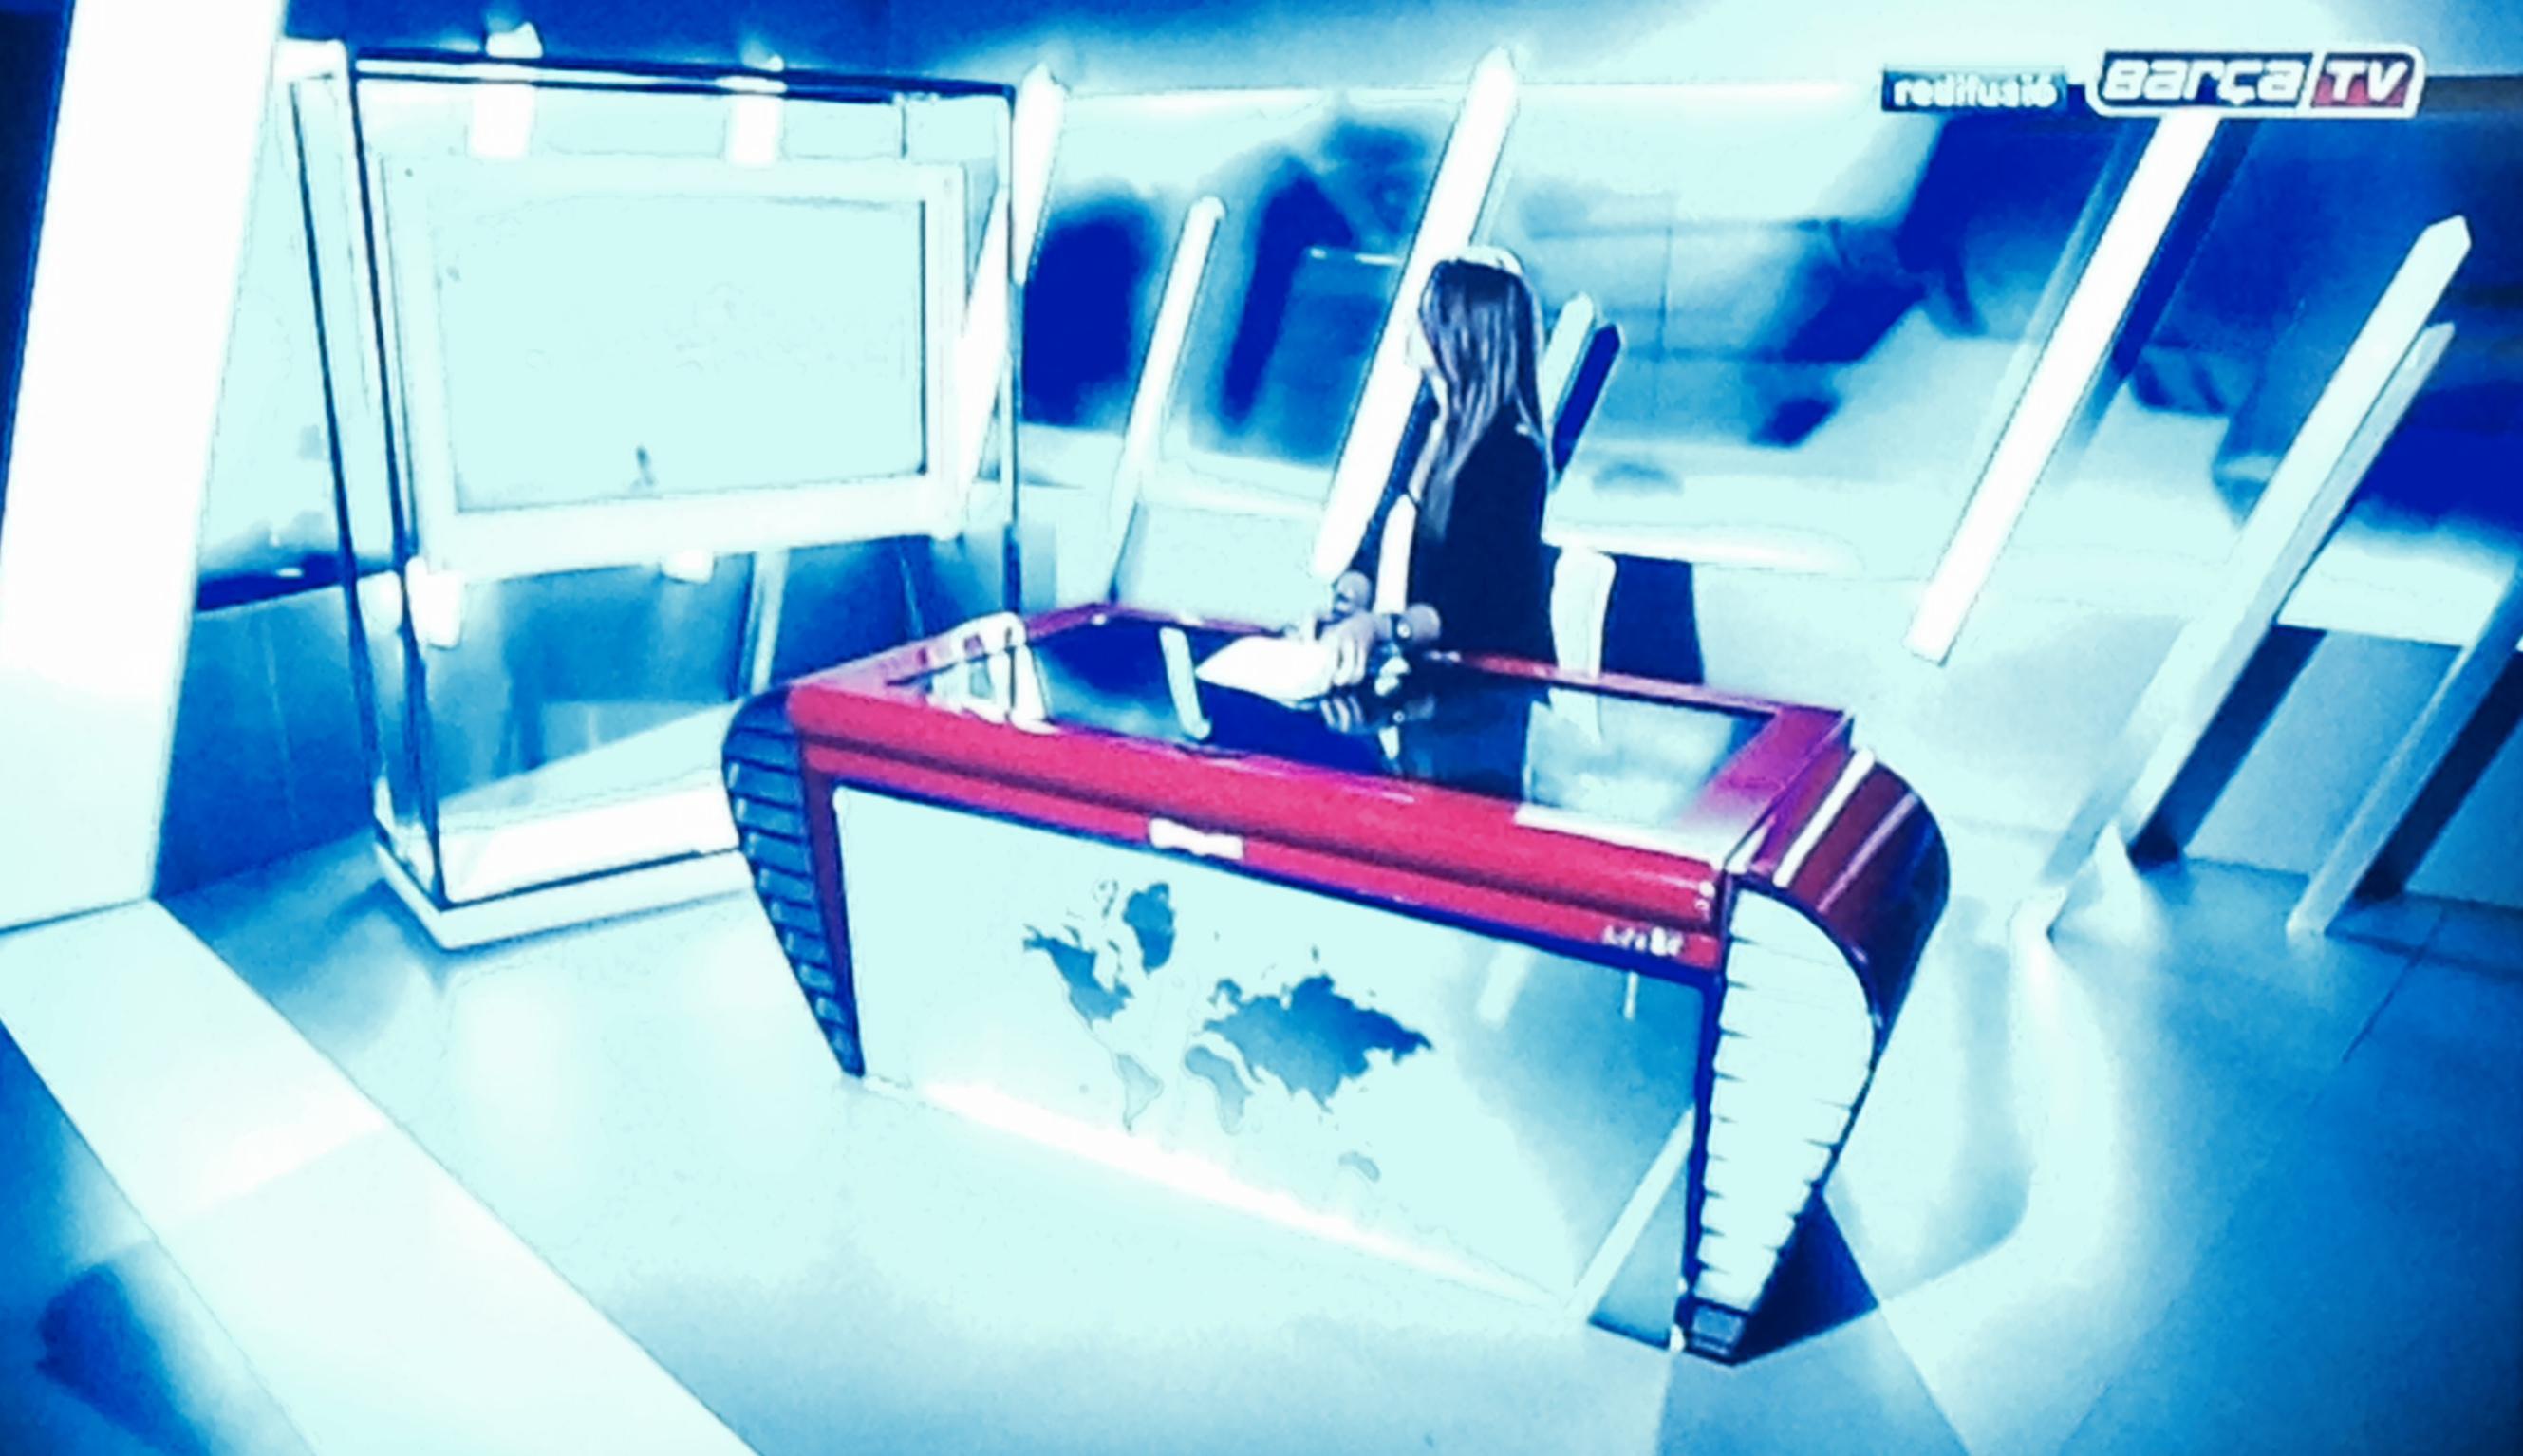 La xtable wings de digalix en bar atv canal oficial del for Oficinas de vueling en barcelona